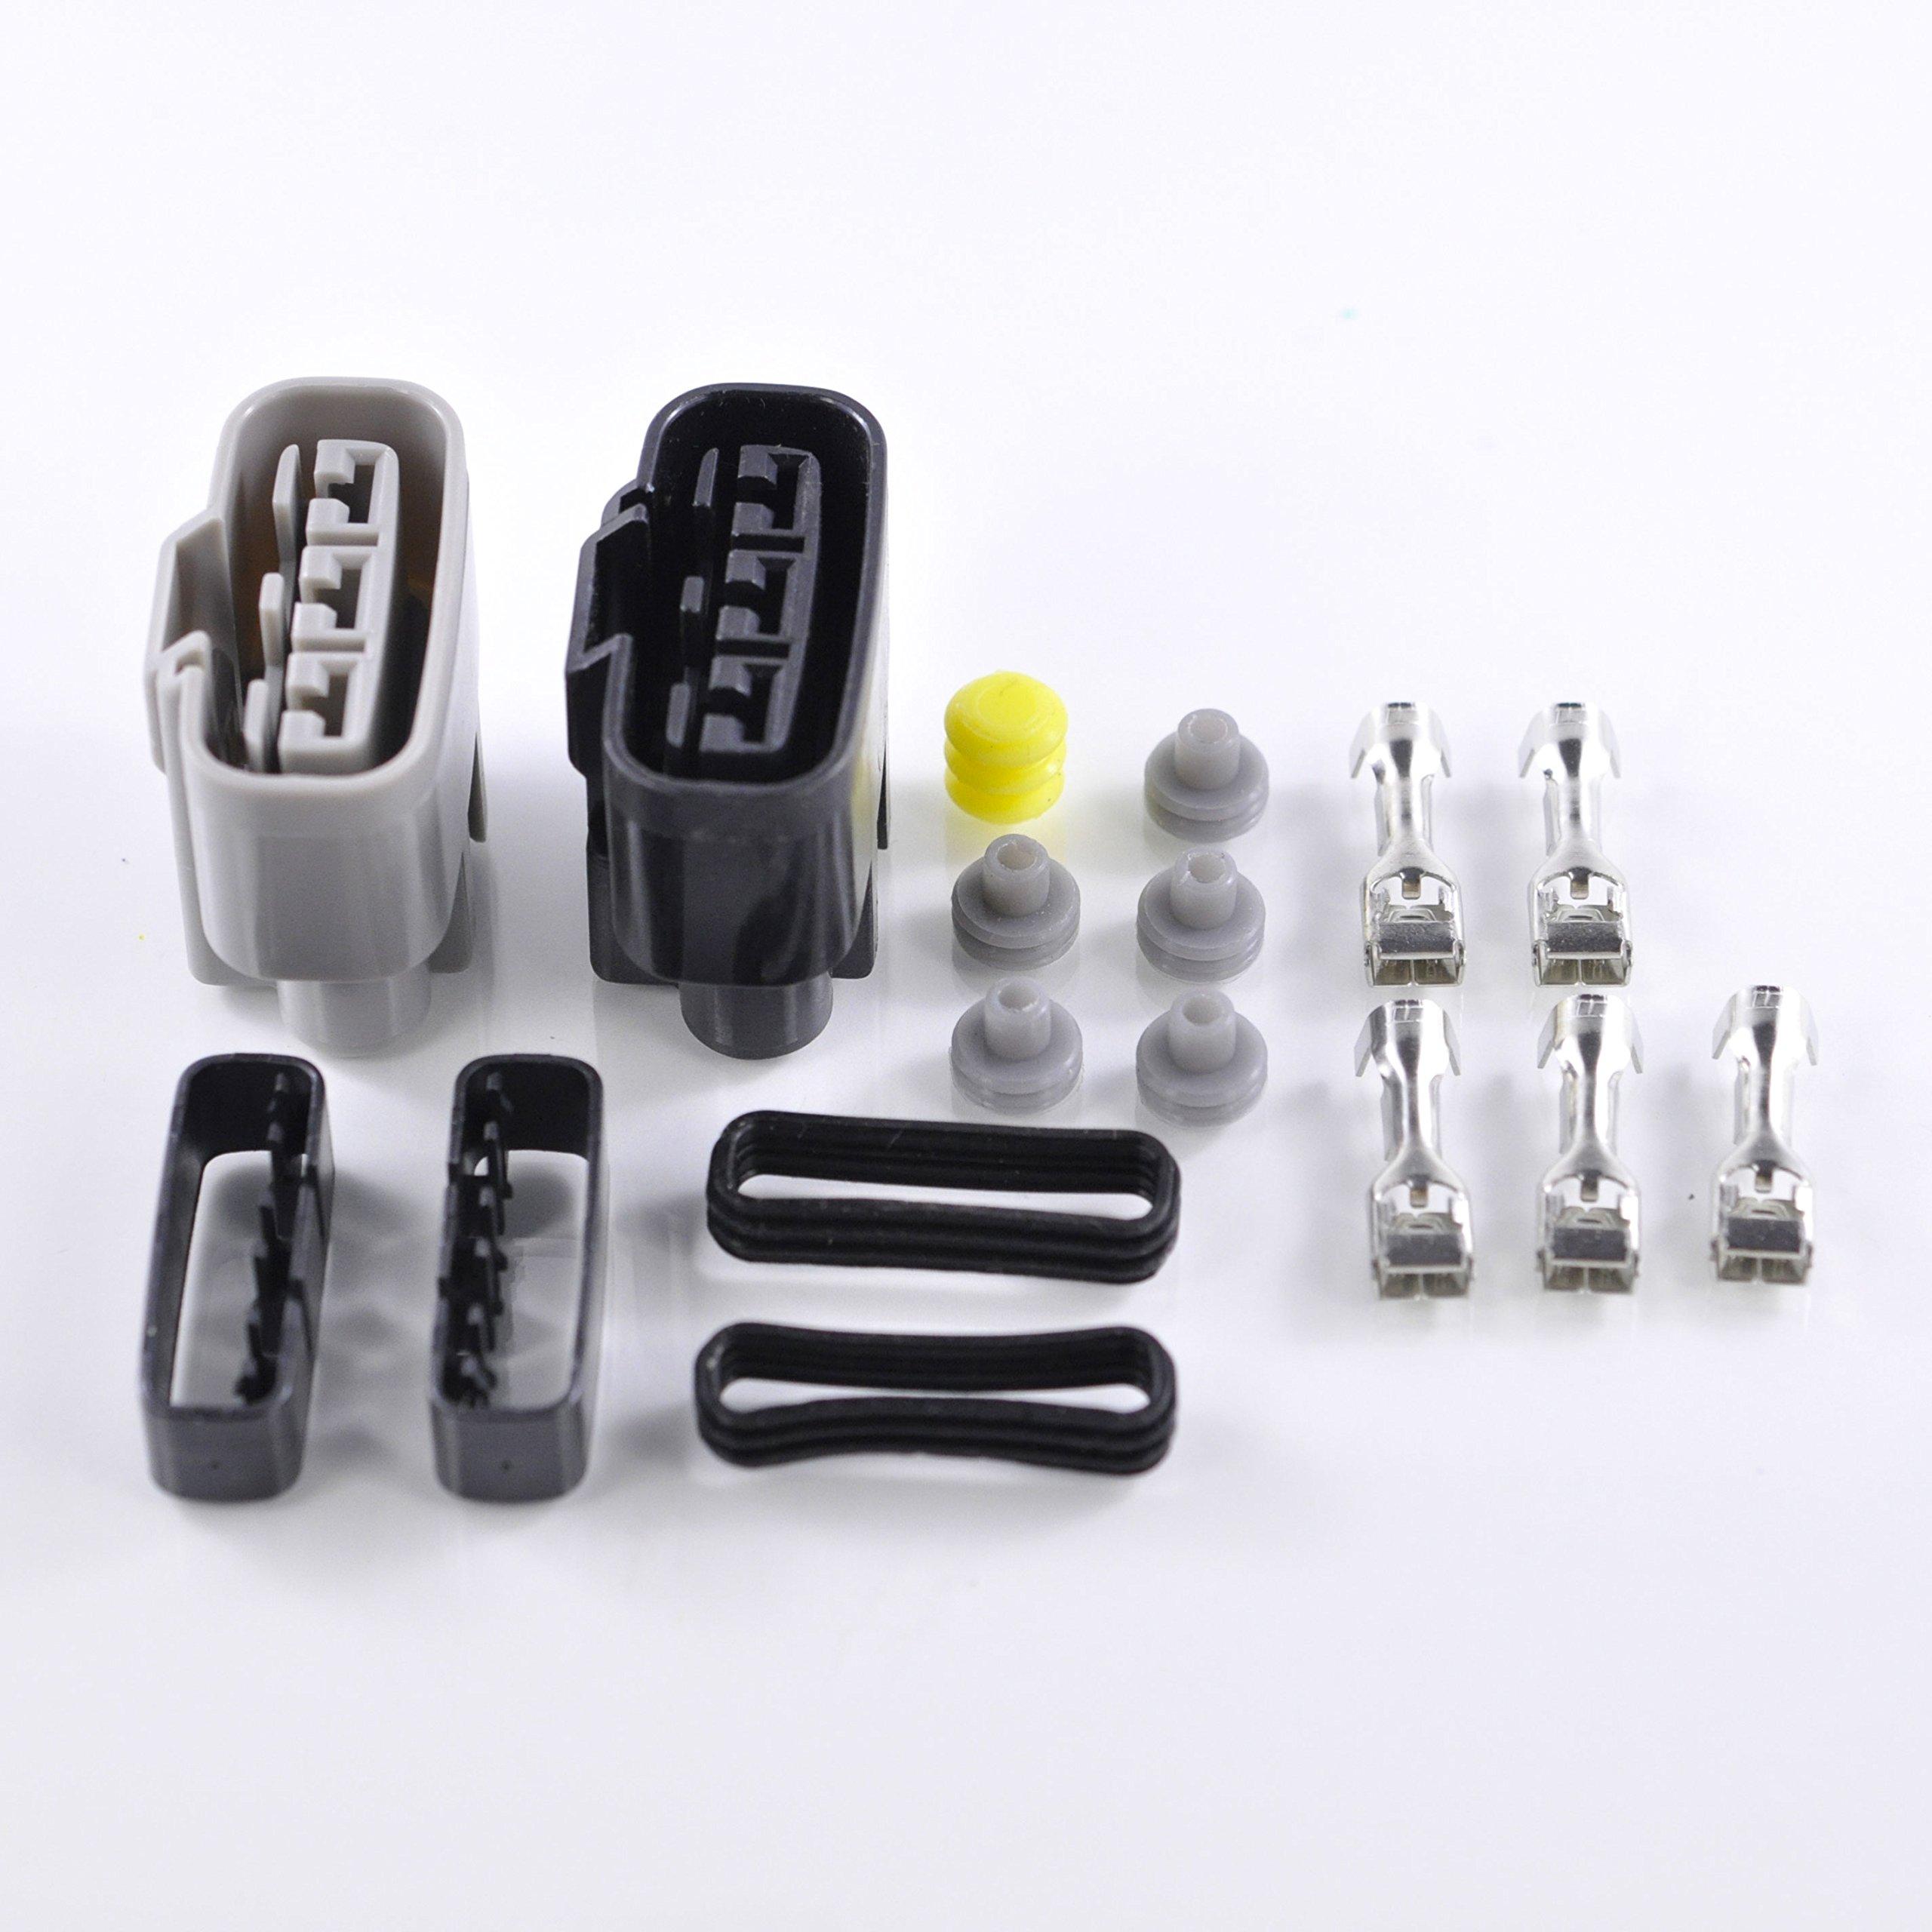 Universal Regulator Rectifier Connectors Kit For Sea-Doo Can-Am Ducati Yamaha BMW Ski-Doo Kawasaki Polaris Triumph OEM Repl. # 710000261 4012941 31600-HP0-A01 21066-0022 21066-0008 1D7-81960-00-00